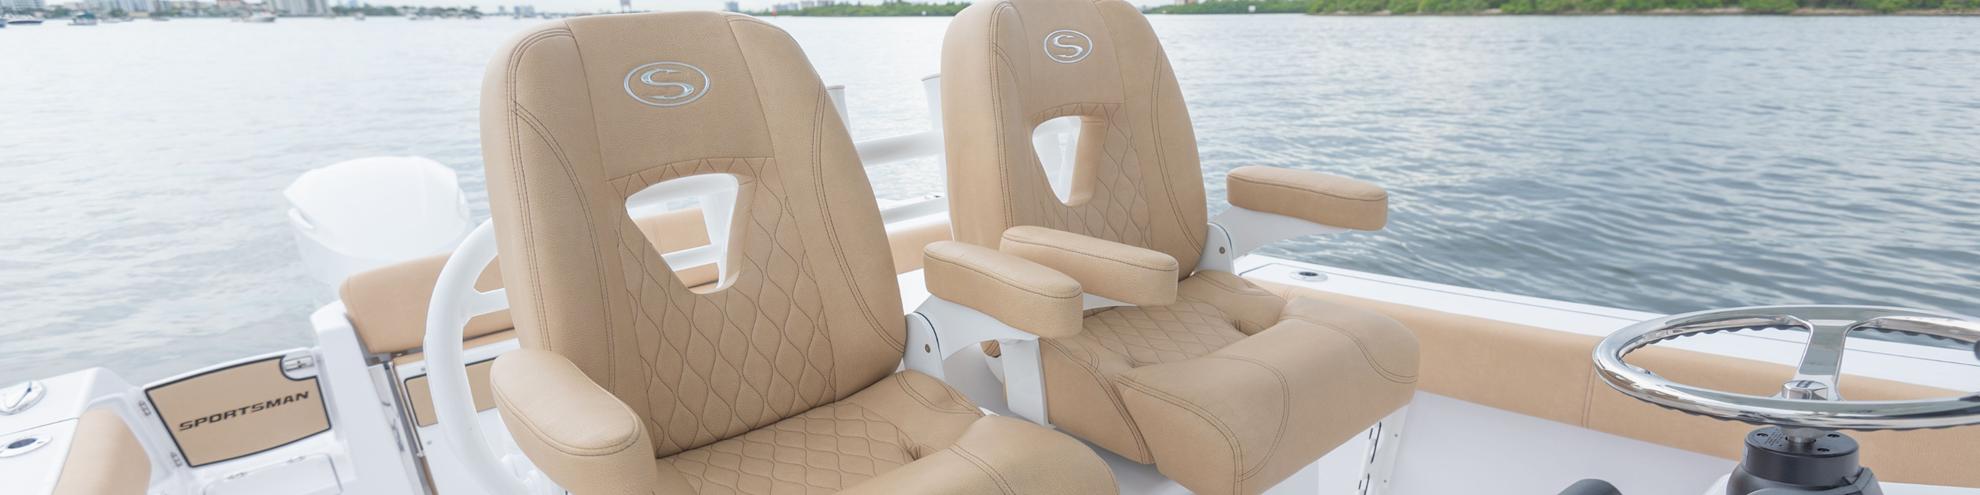 seating-seat-slides-m20-3611